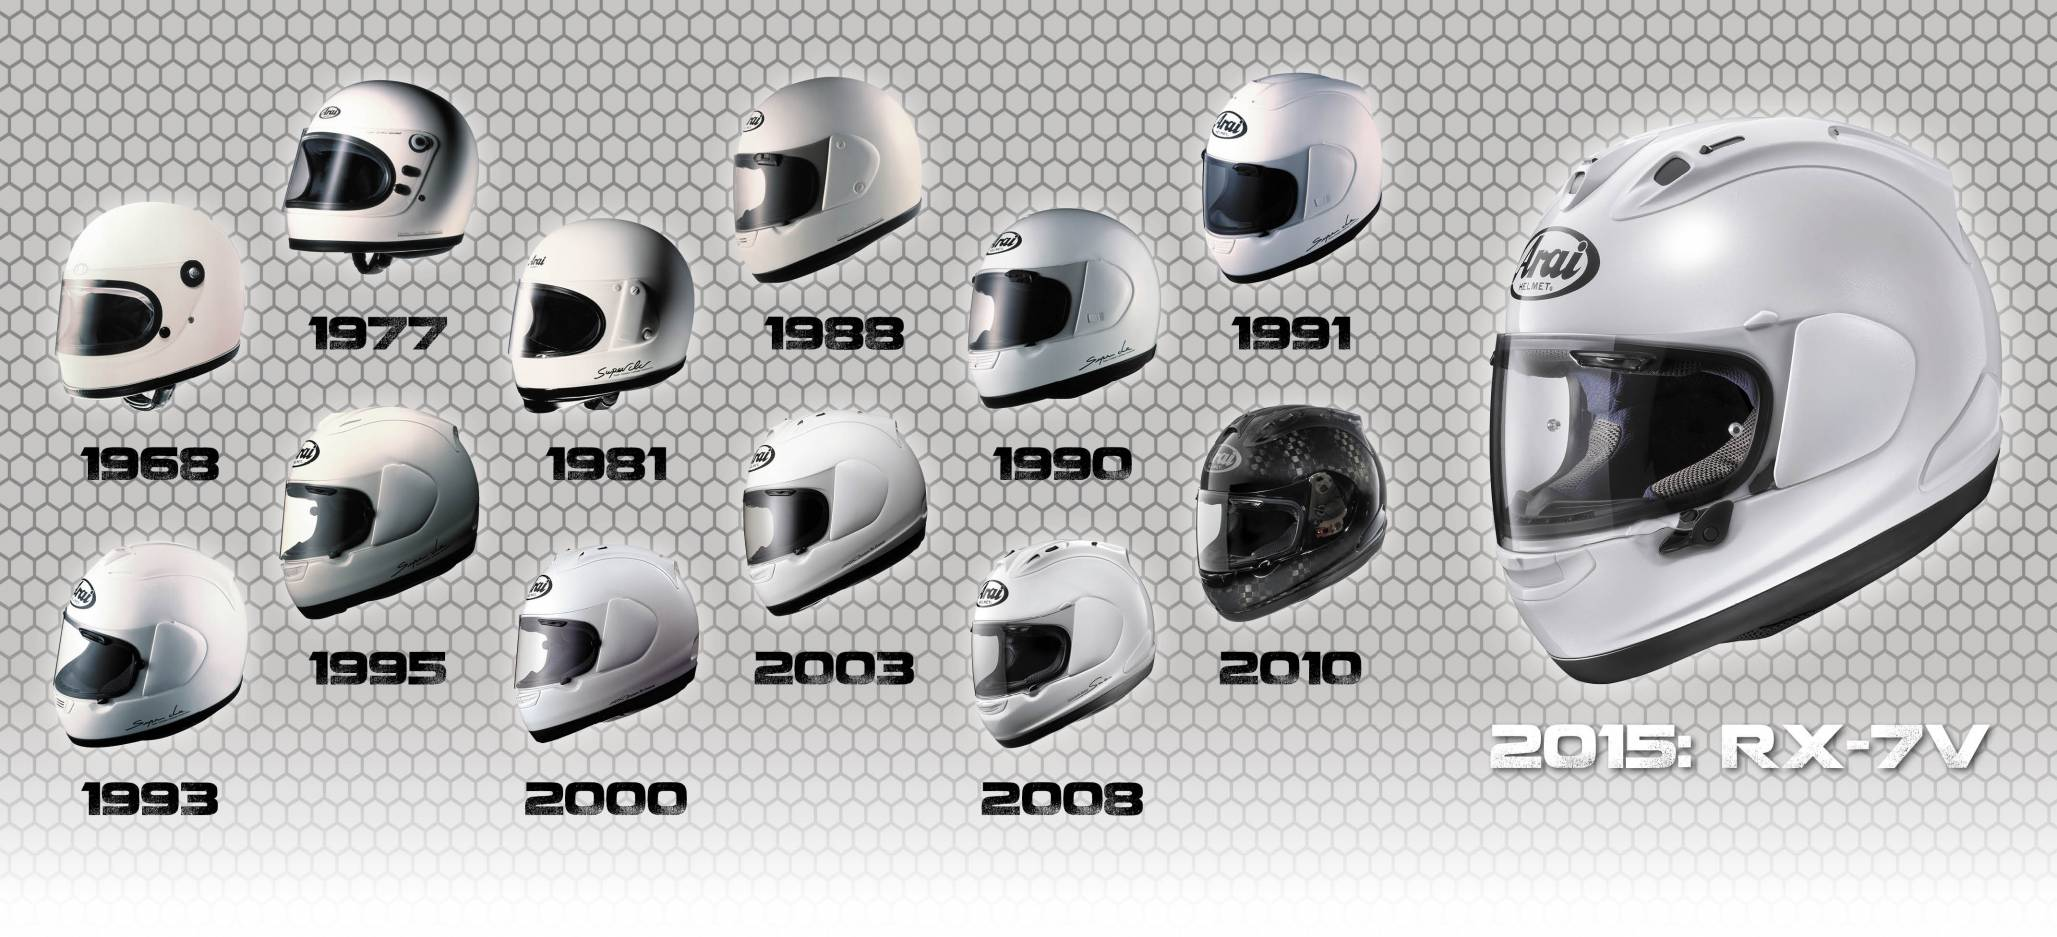 RAIDER 3 BLACK EU Helm 2020 black eu